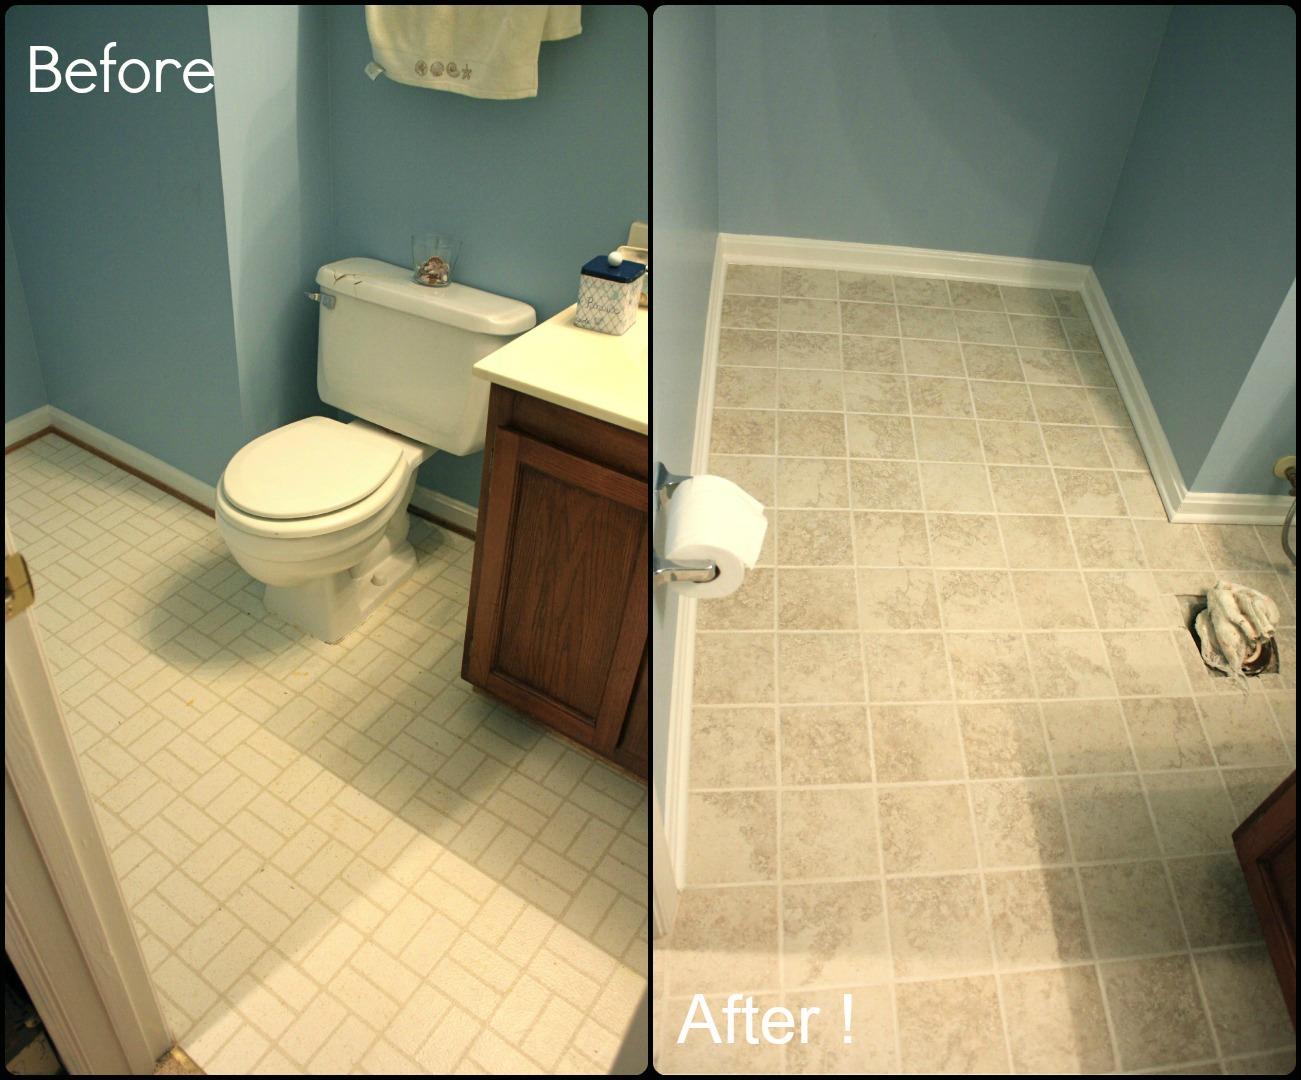 28 Model Bathroom Tiles And Paint Ideas | eyagci.com